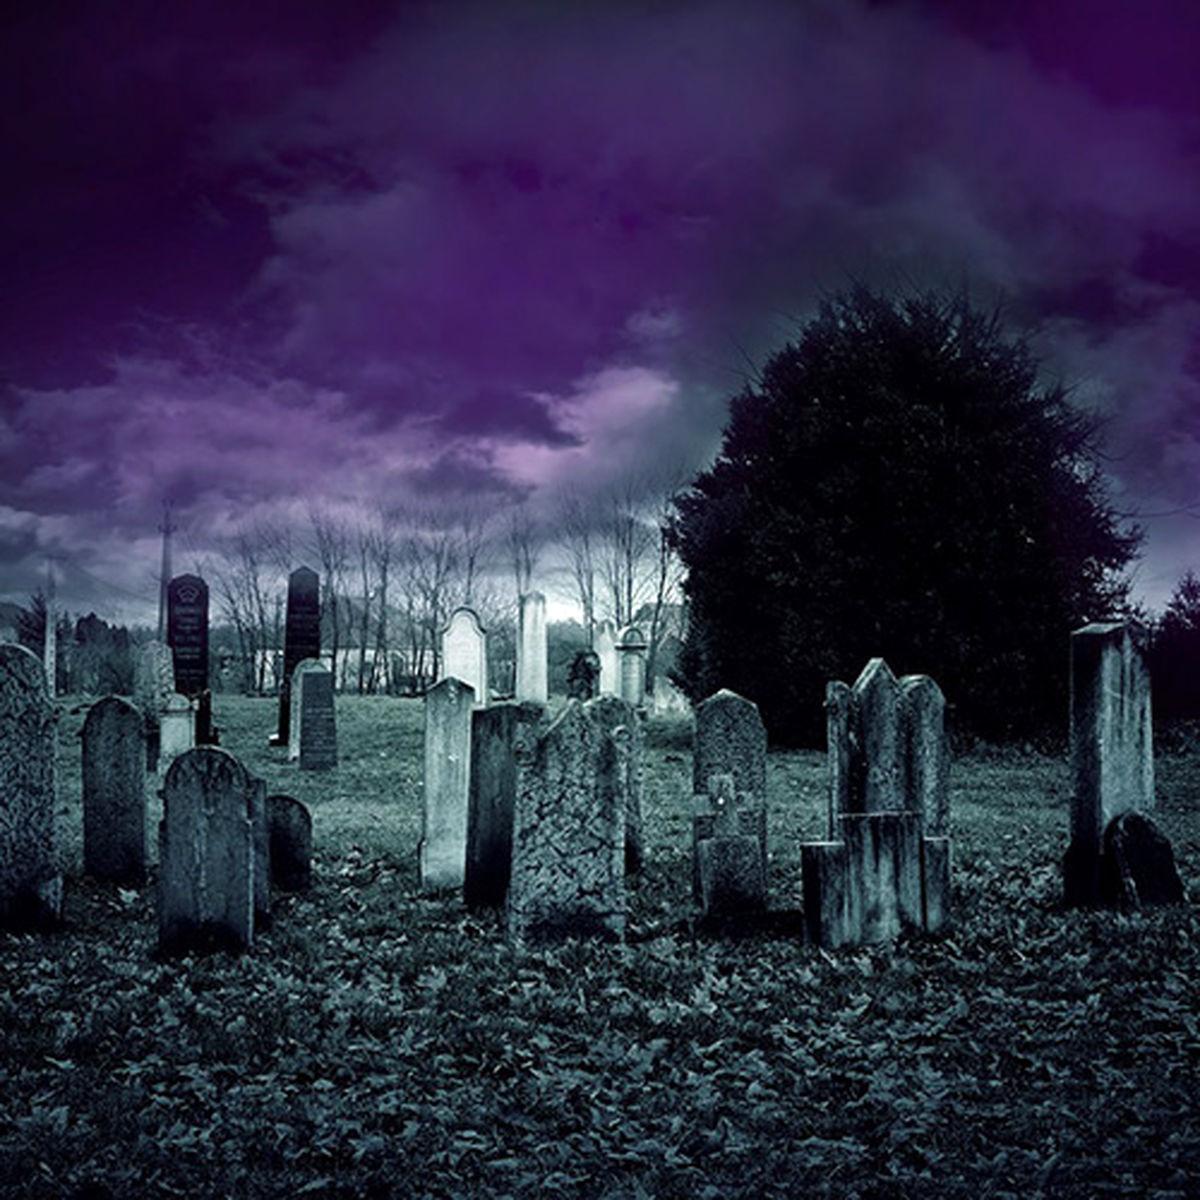 صدای عجیب در یک قبر همه را شوکه کرد + فیلم نبش قبر